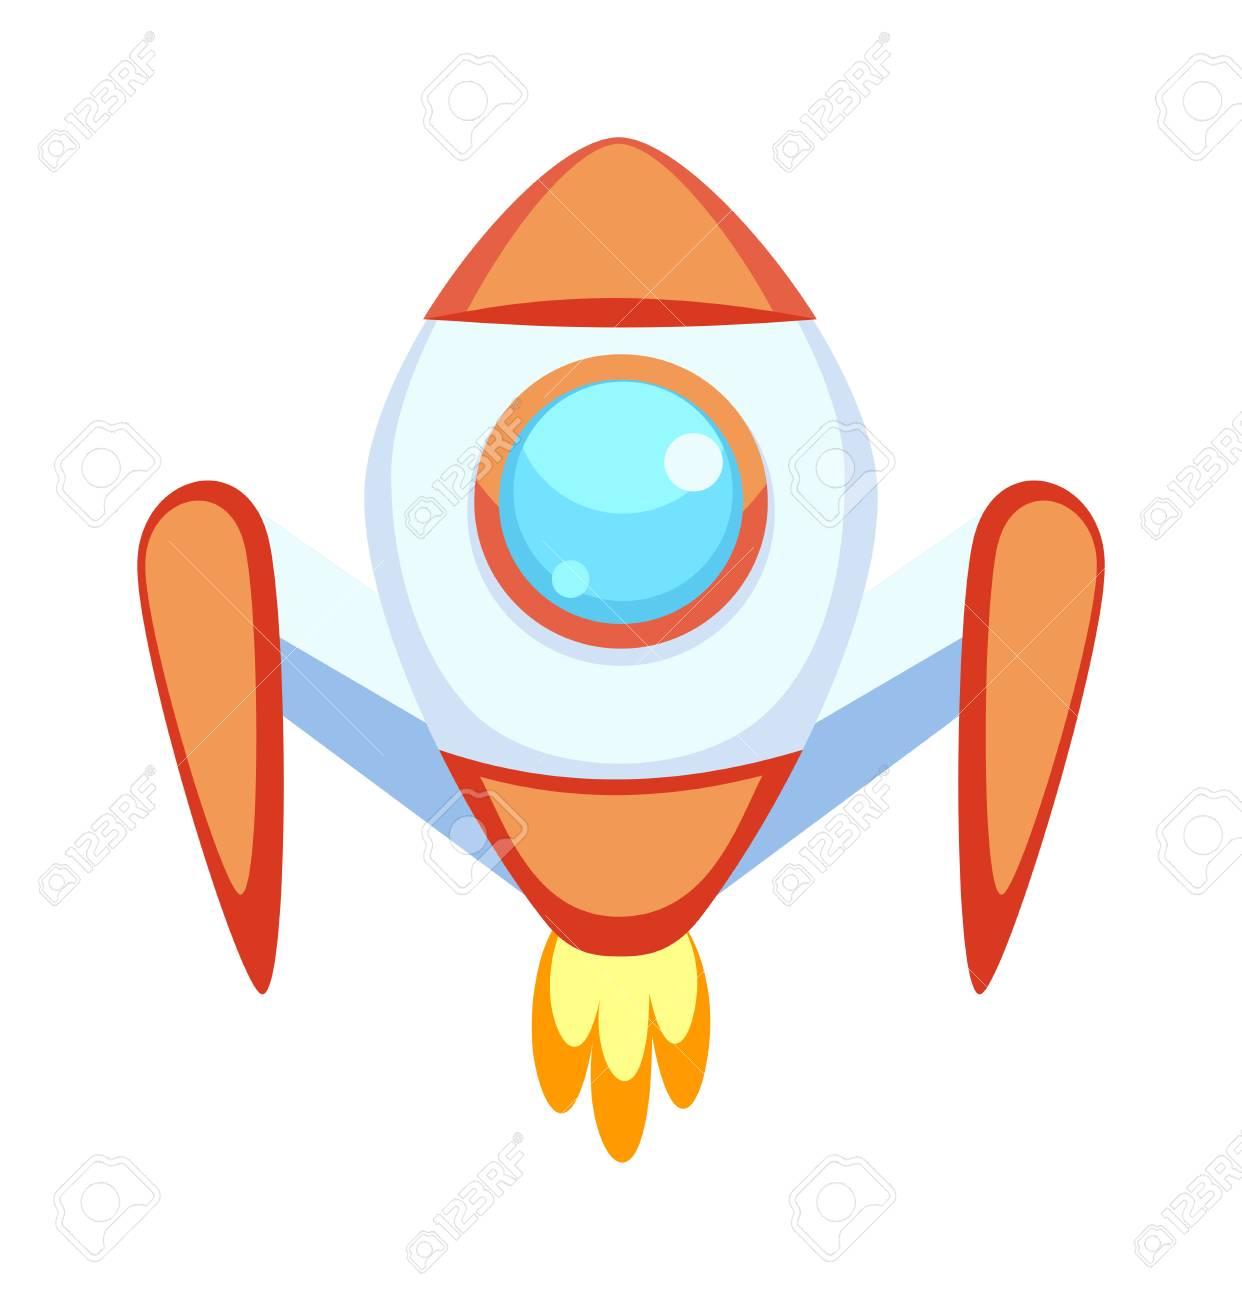 Rocket Set Vector Et Espace De La Technologie Des Icônes De Dessin Animé Fusée Navire Science Future Fusée De Voyage Et Fusée De Navette Fusée